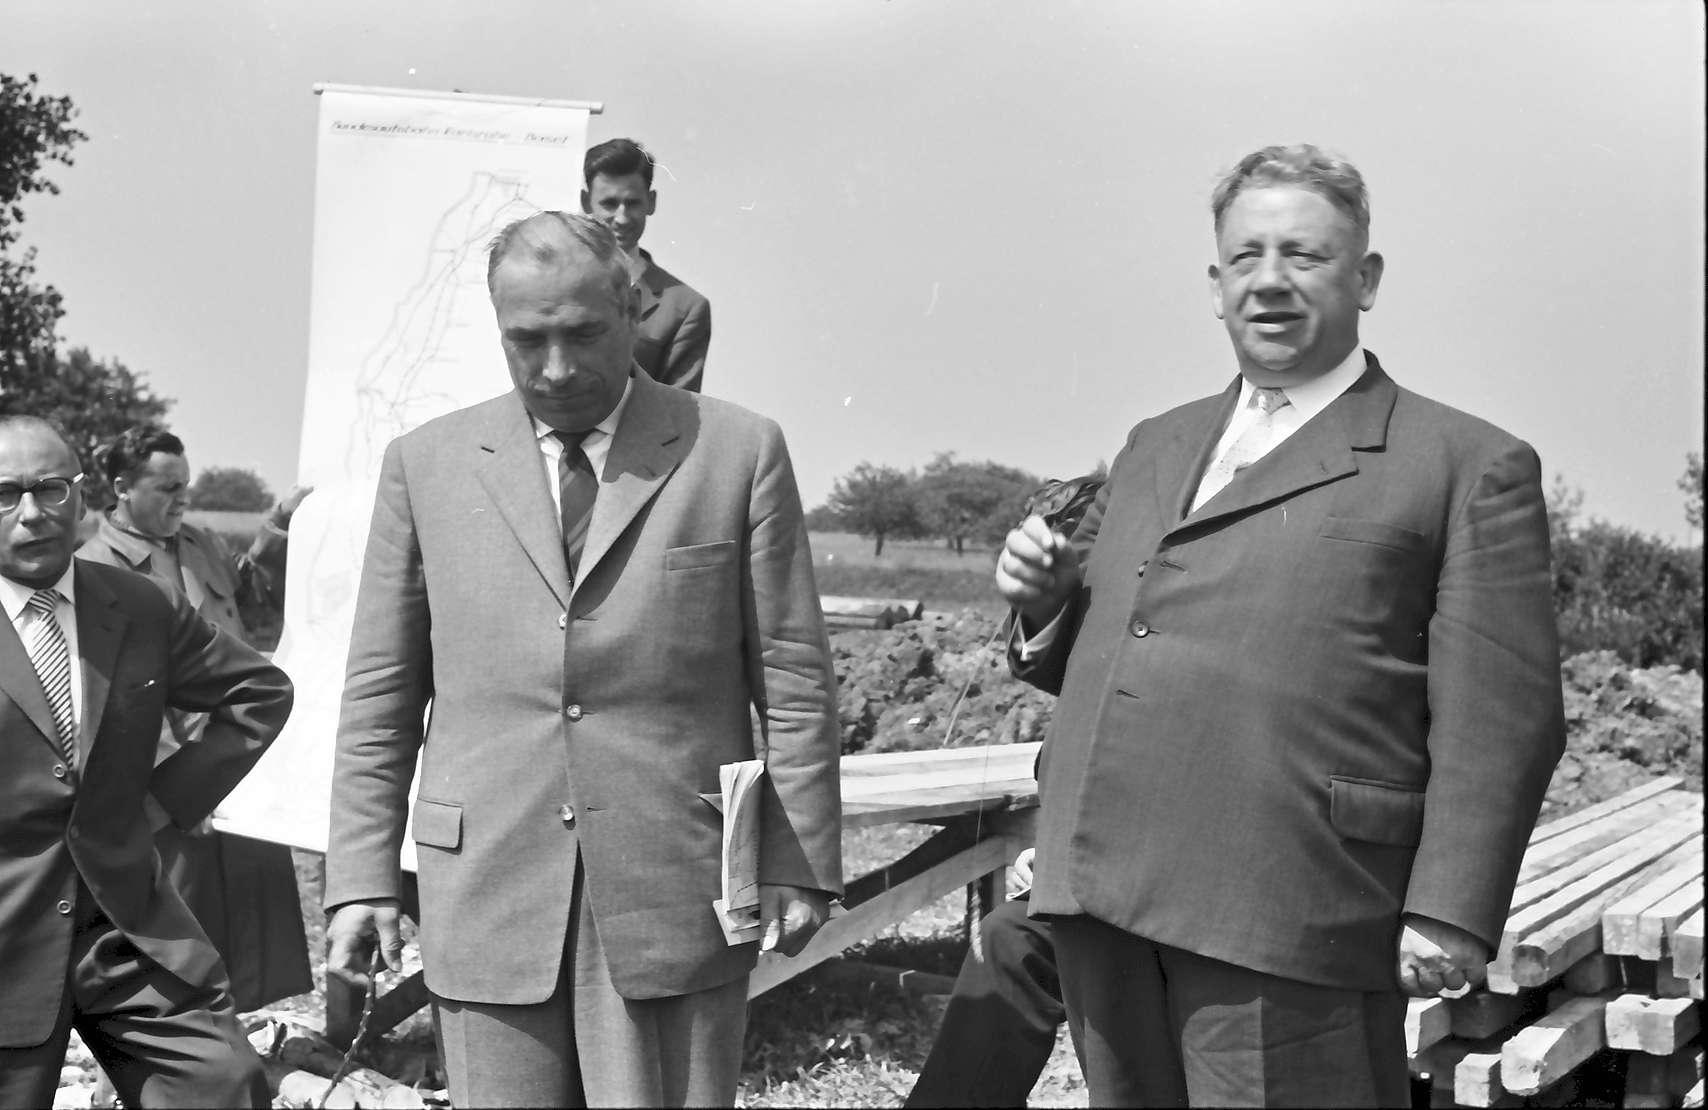 Wagshurst: Regierungsbaudirektor Leins und Regierungspräsident Dichtel, Bild 1